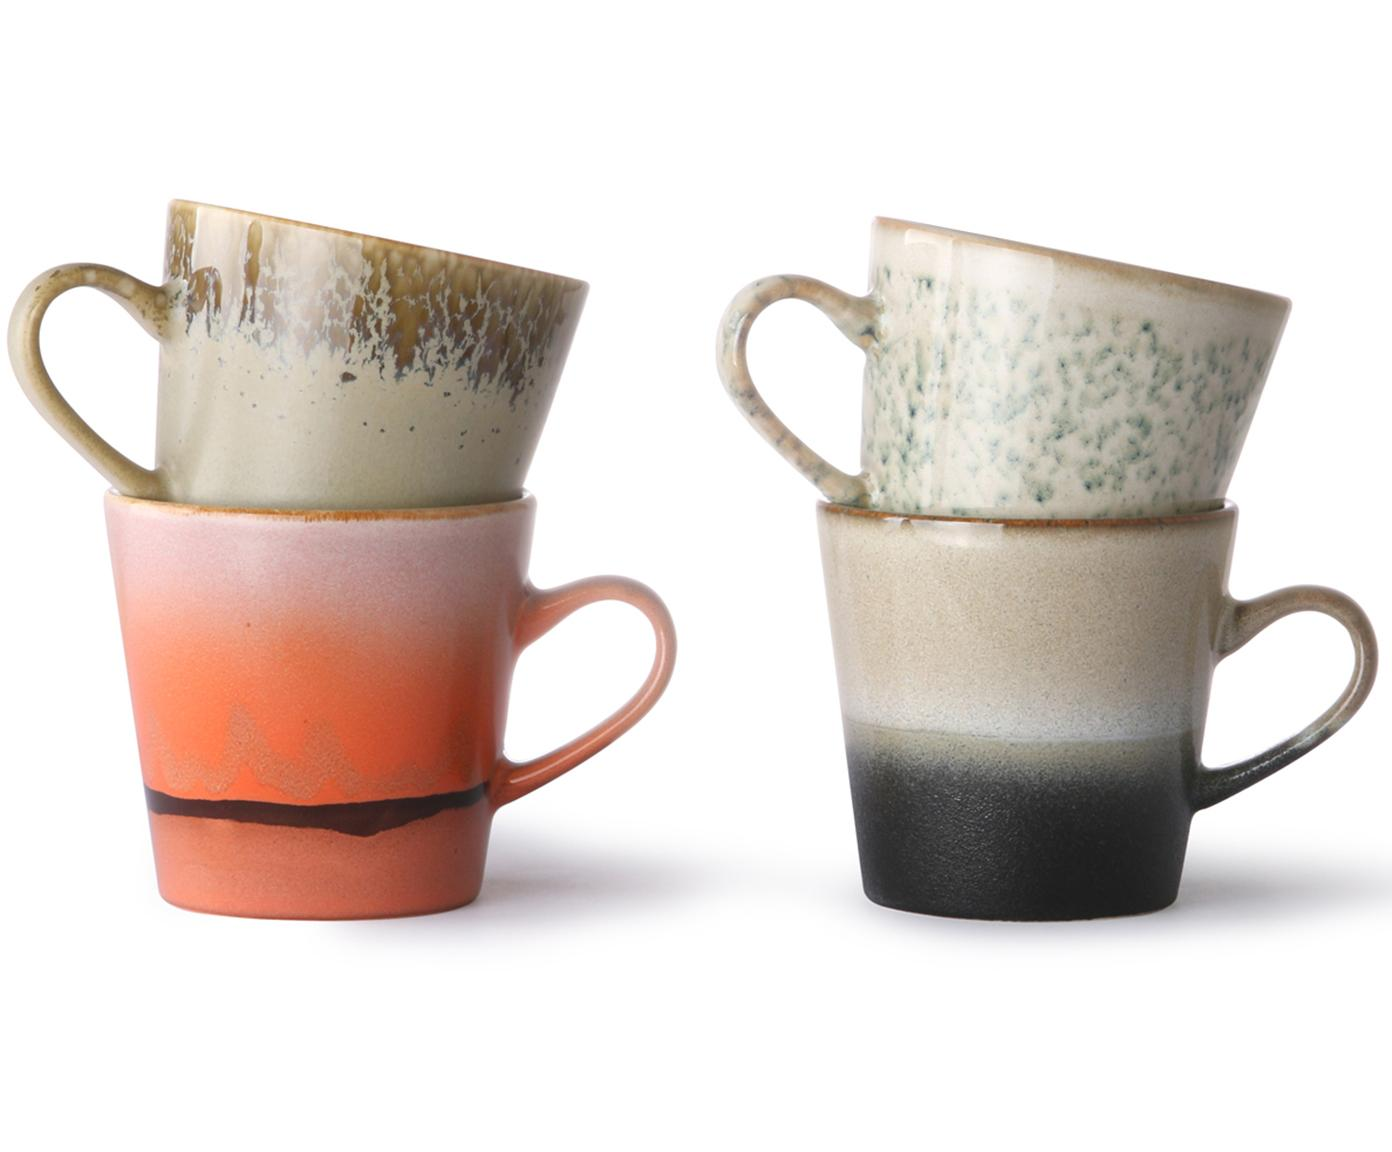 Handgemachte XS Tassen 70's im Retro Style, 4er-Set, Keramik, Mehrfarbig, Ø 9 x H 8 cm